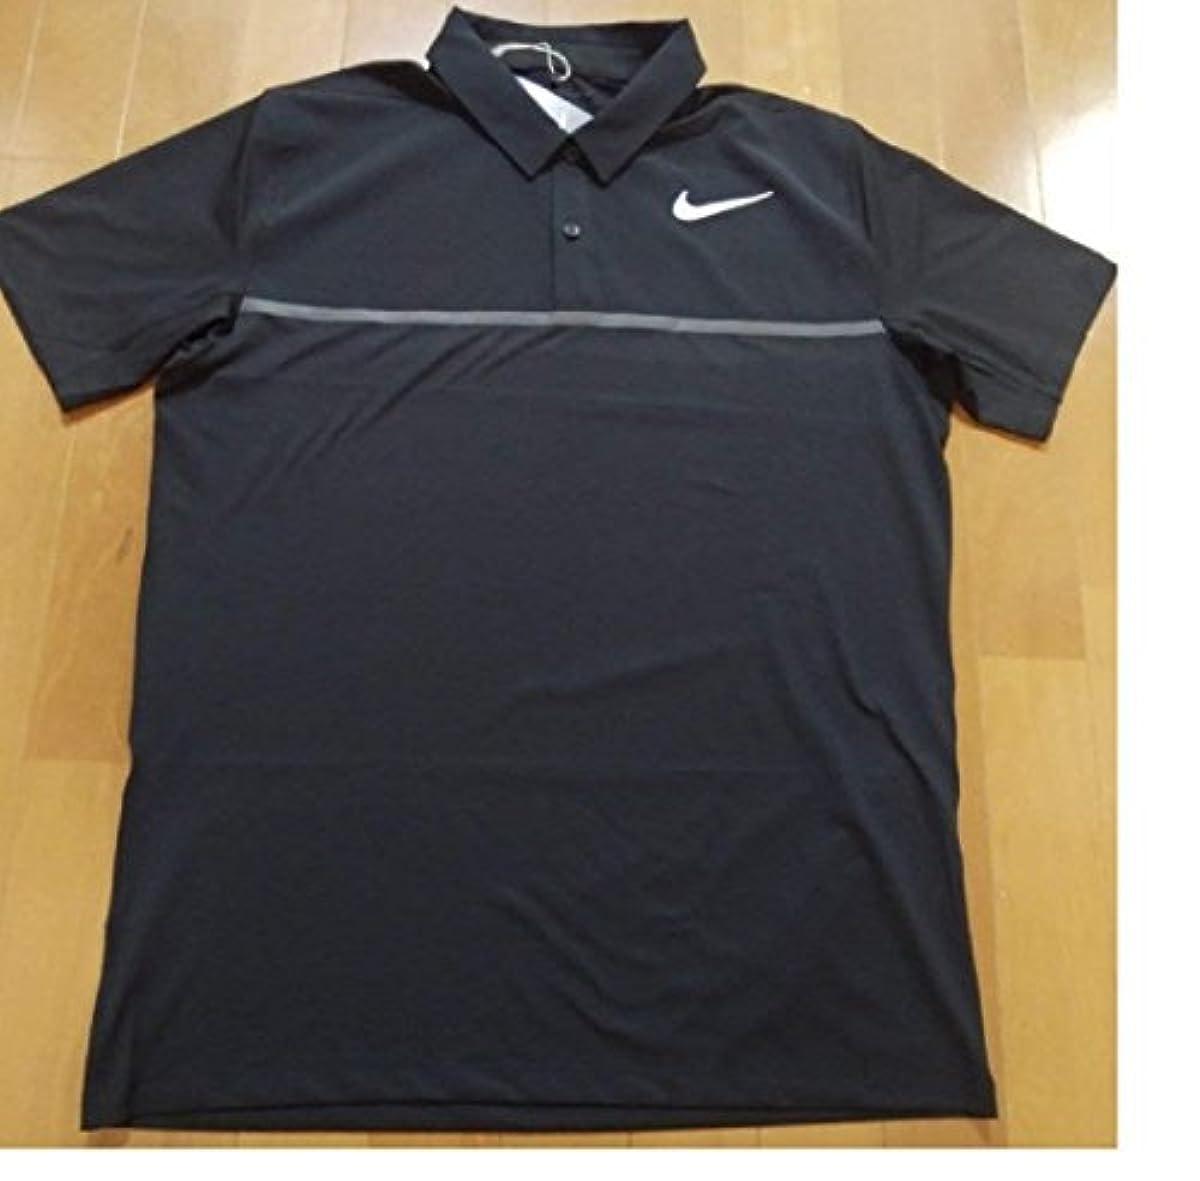 [해외] NIKE 나이키 DRI-FIT 골프 웨어 반소매 폴로 셔츠 엘사이즈(176-183CM) 국내 정규품 833108 블랙